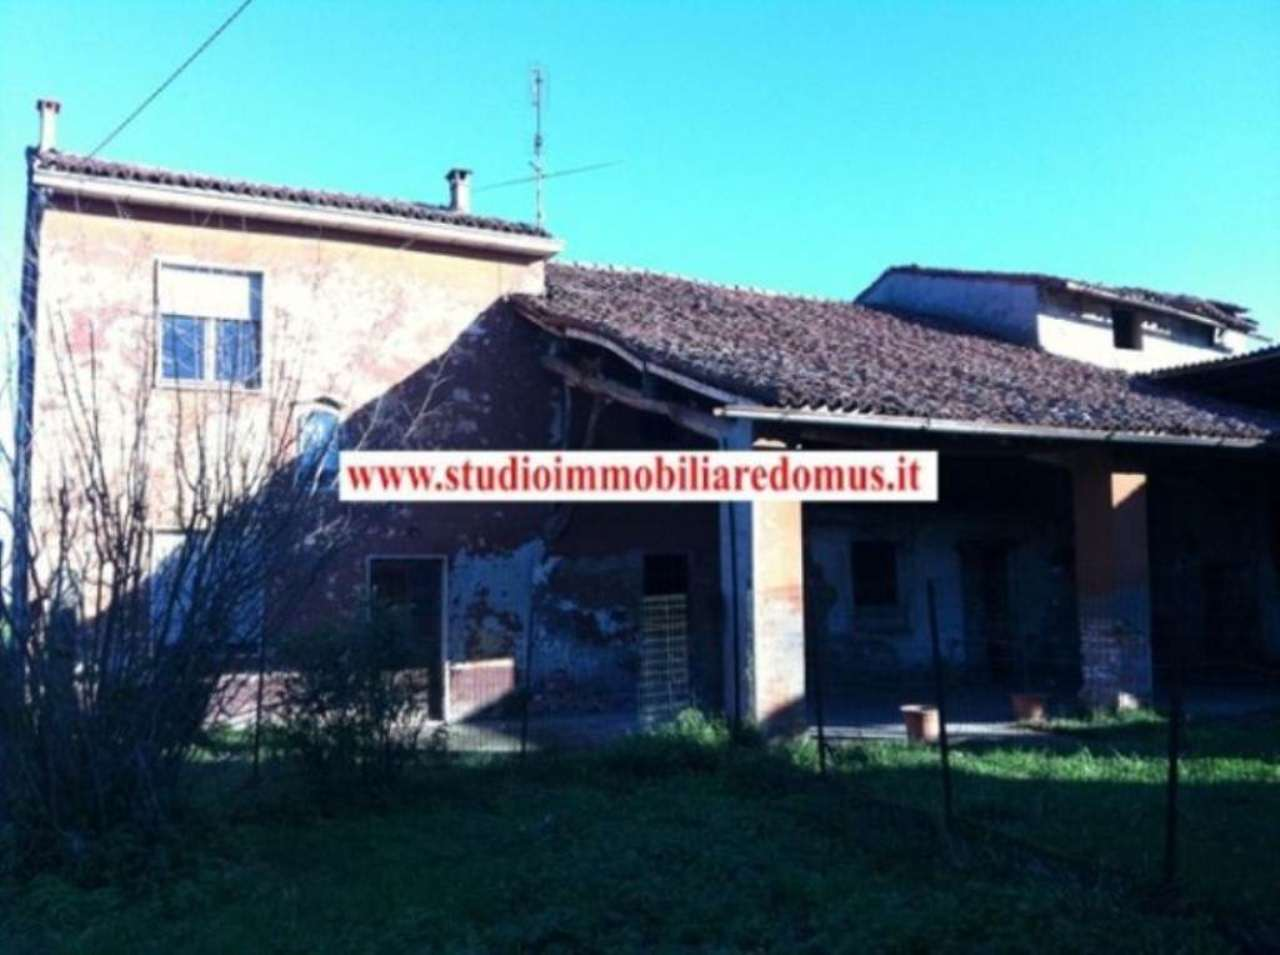 Rustico / Casale in vendita a Terranova dei Passerini, 6 locali, prezzo € 198.000 | CambioCasa.it